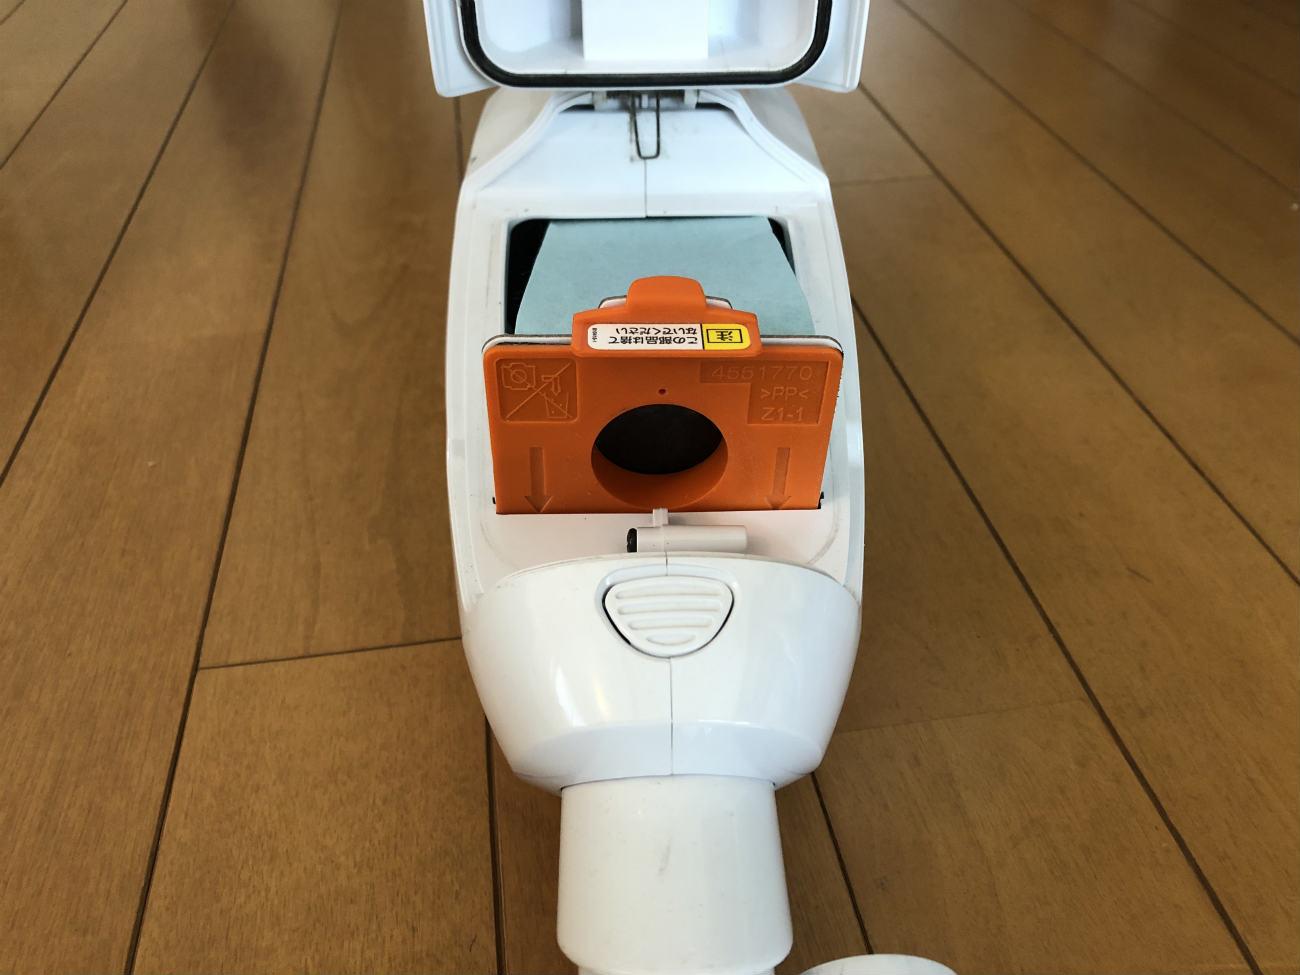 マキタの掃除機の紙パック挿入口